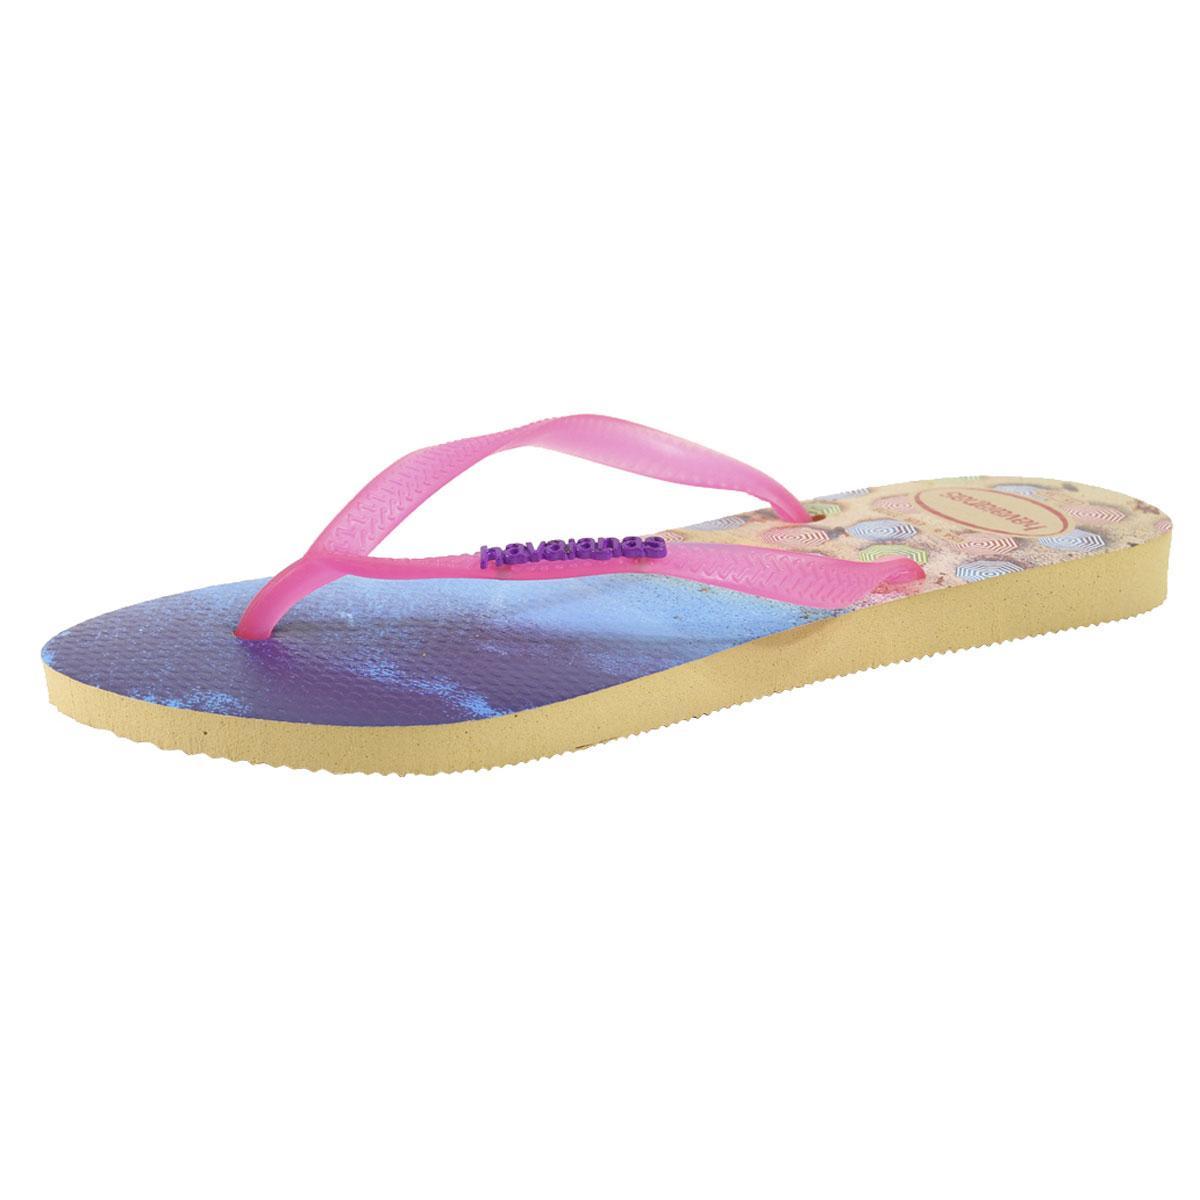 Image of Havainas Women's Slim Paisage Flip Flops Sandals Shoes - Ivory - 9 10 B(M) US